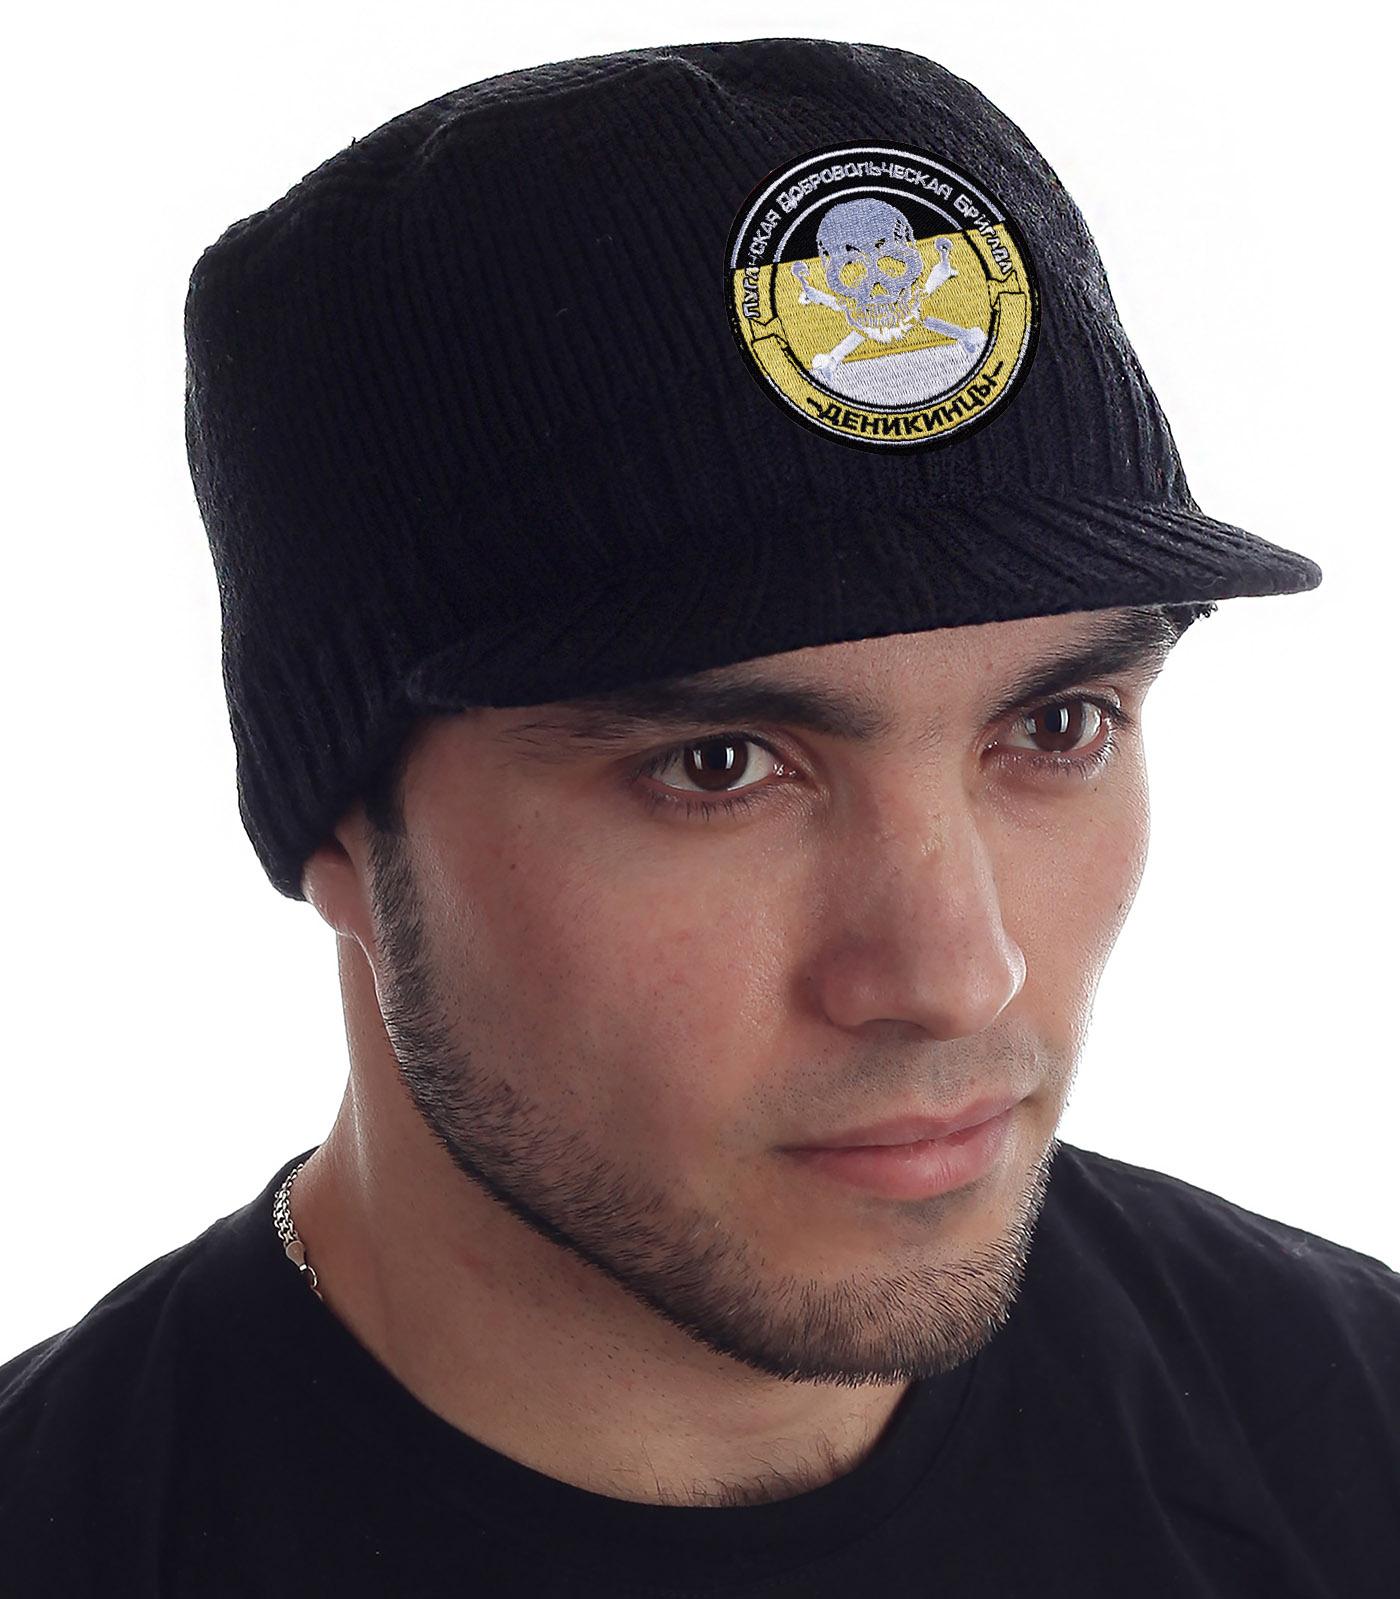 Купить утепленную брендовую шапку с козырьком от Miller Way по выгодной цене